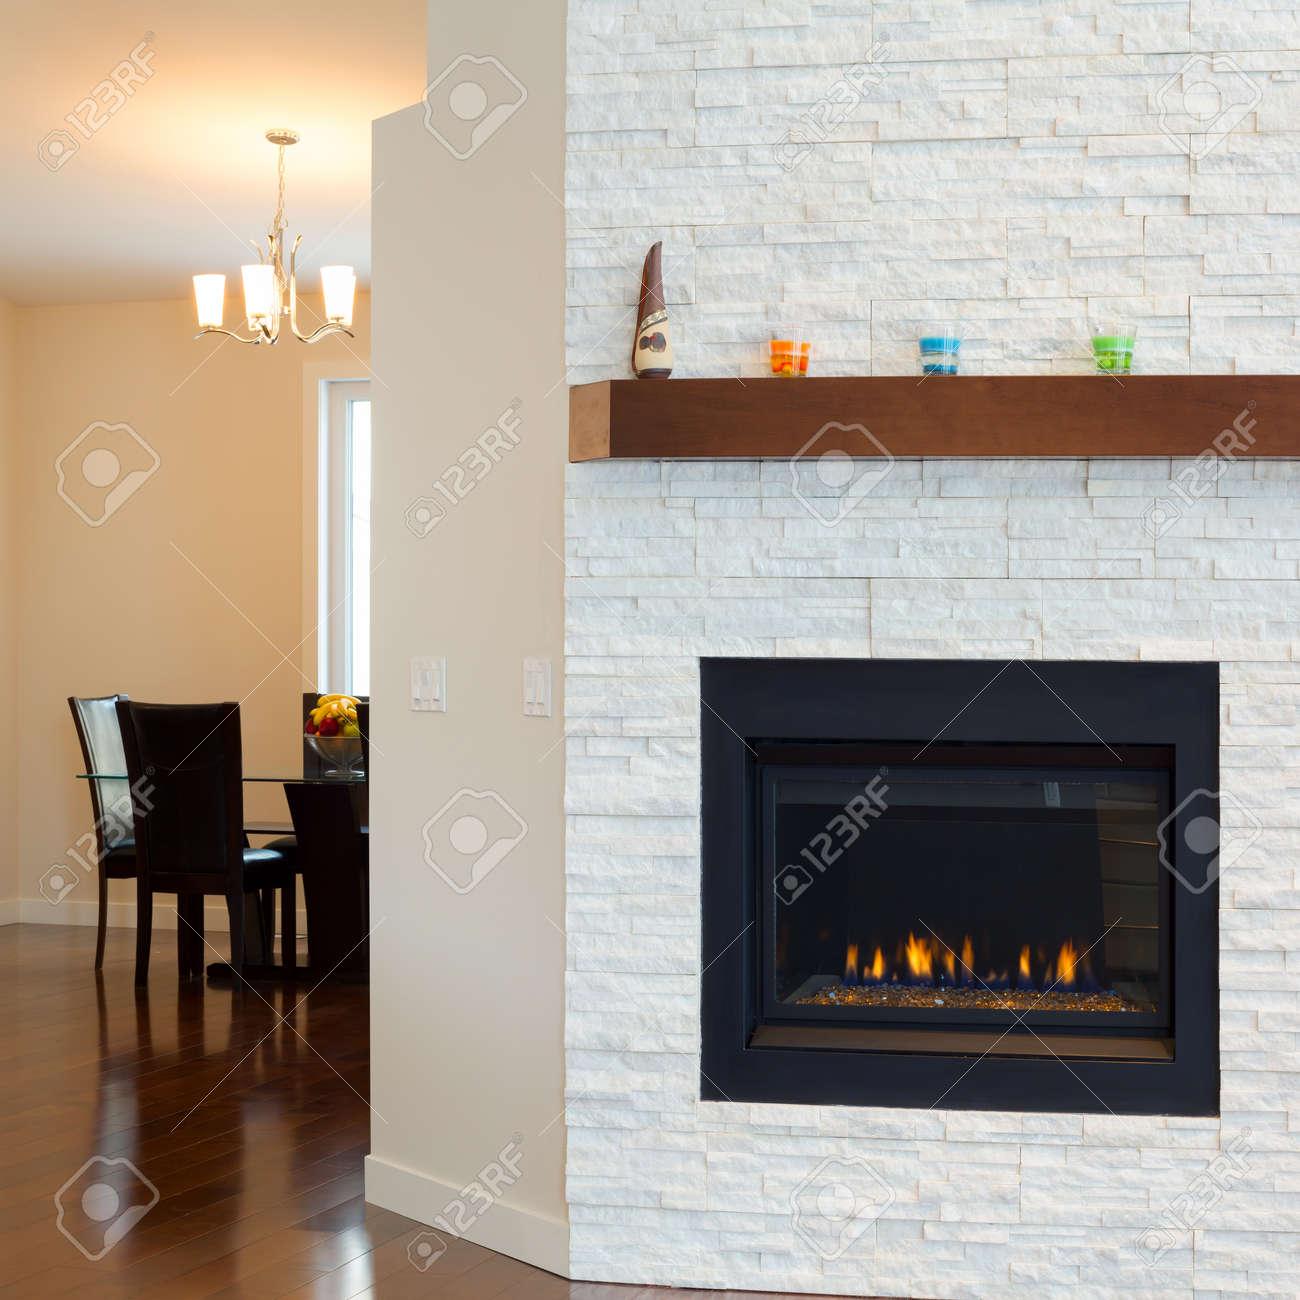 Diseño Interior De Sala De Estar Con Chimenea Moderna En Una Casa ...